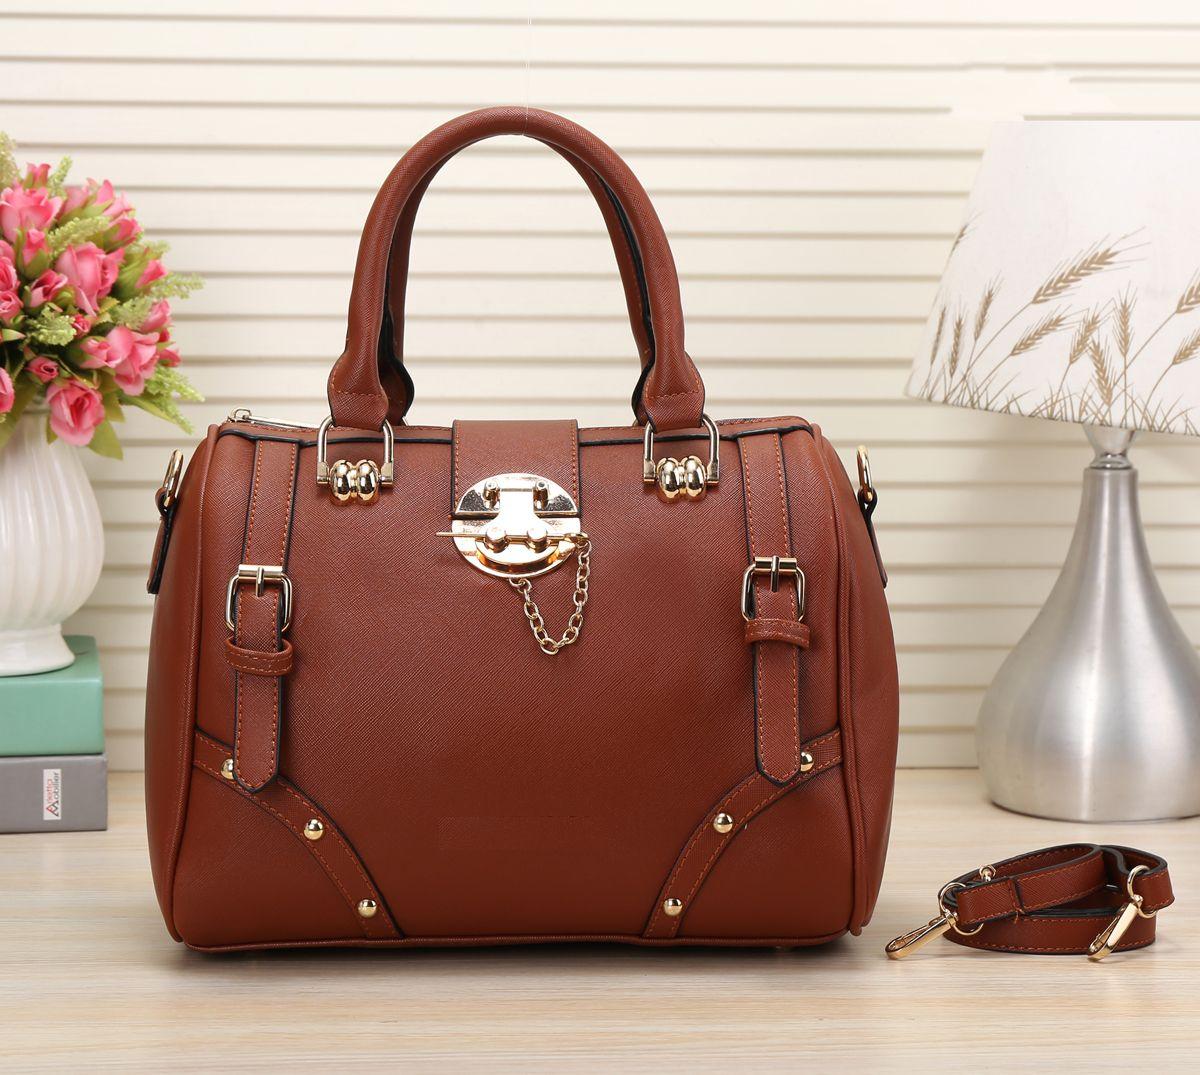 Rosa sugao 069M Marken-Einkaufstasche-PU-Lederluxushandtaschen-Modedesignerbeutelfrauen berühmter Markenhandtaschengeldbeutel